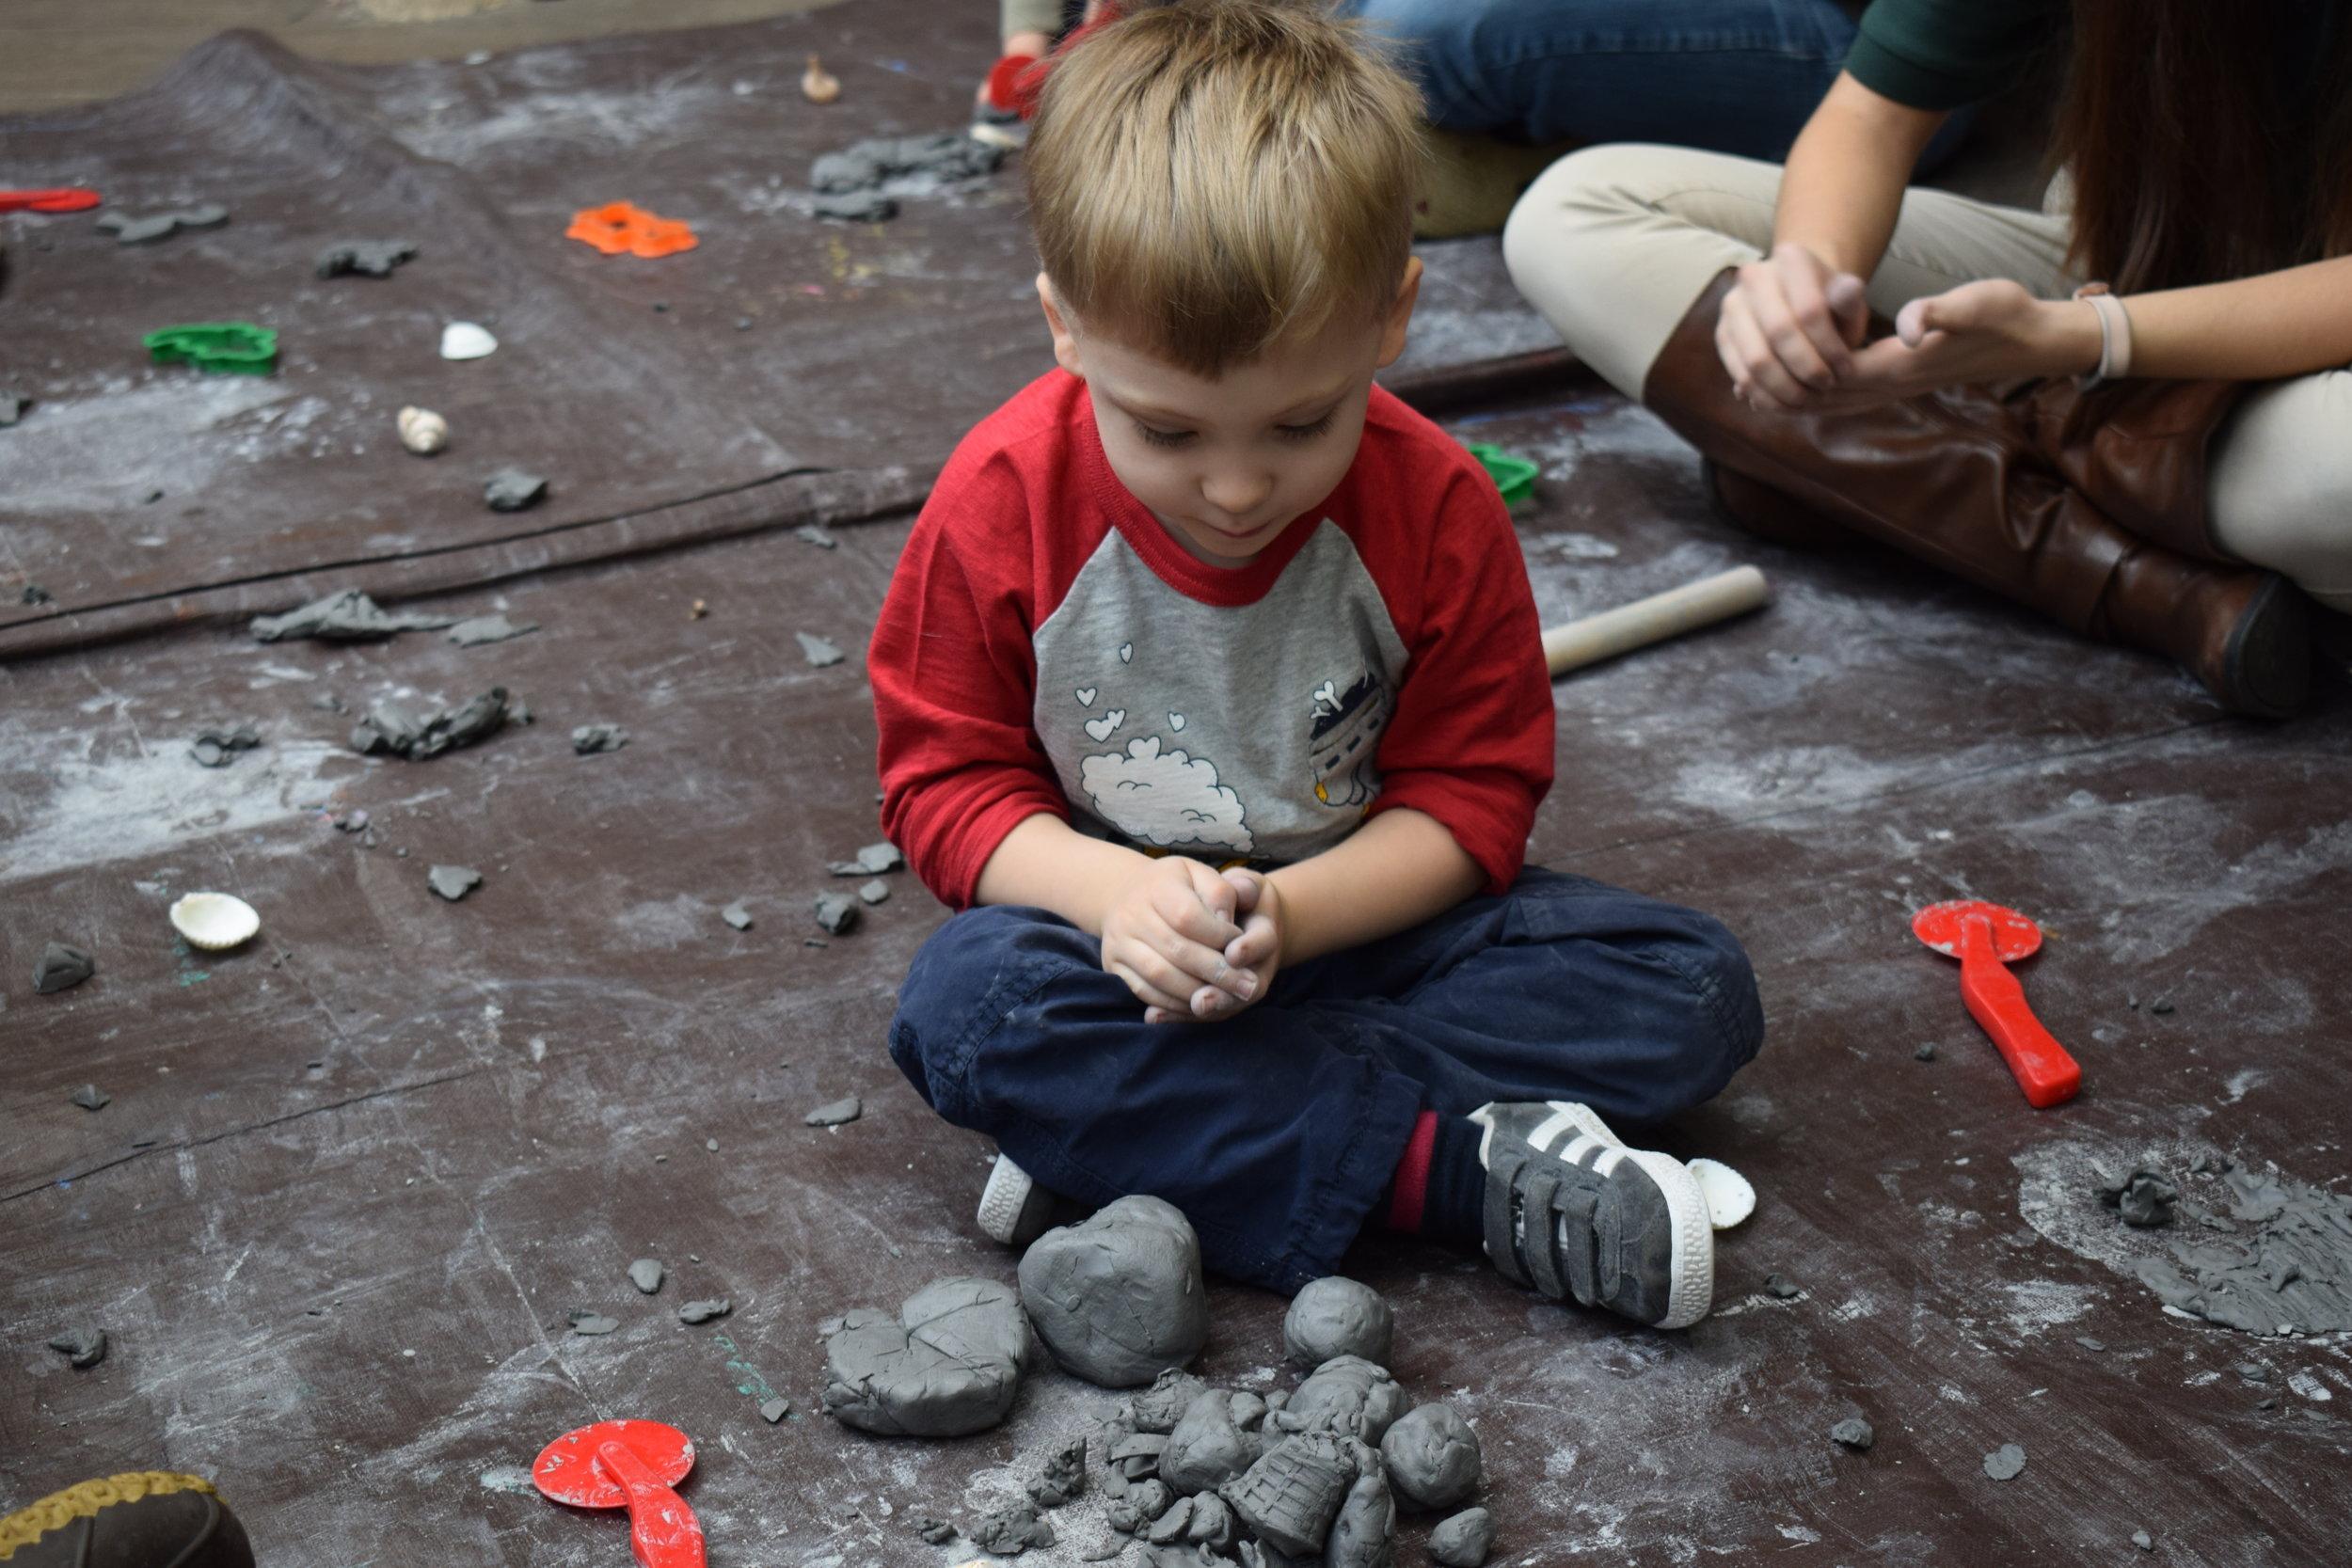 We smooshed clay